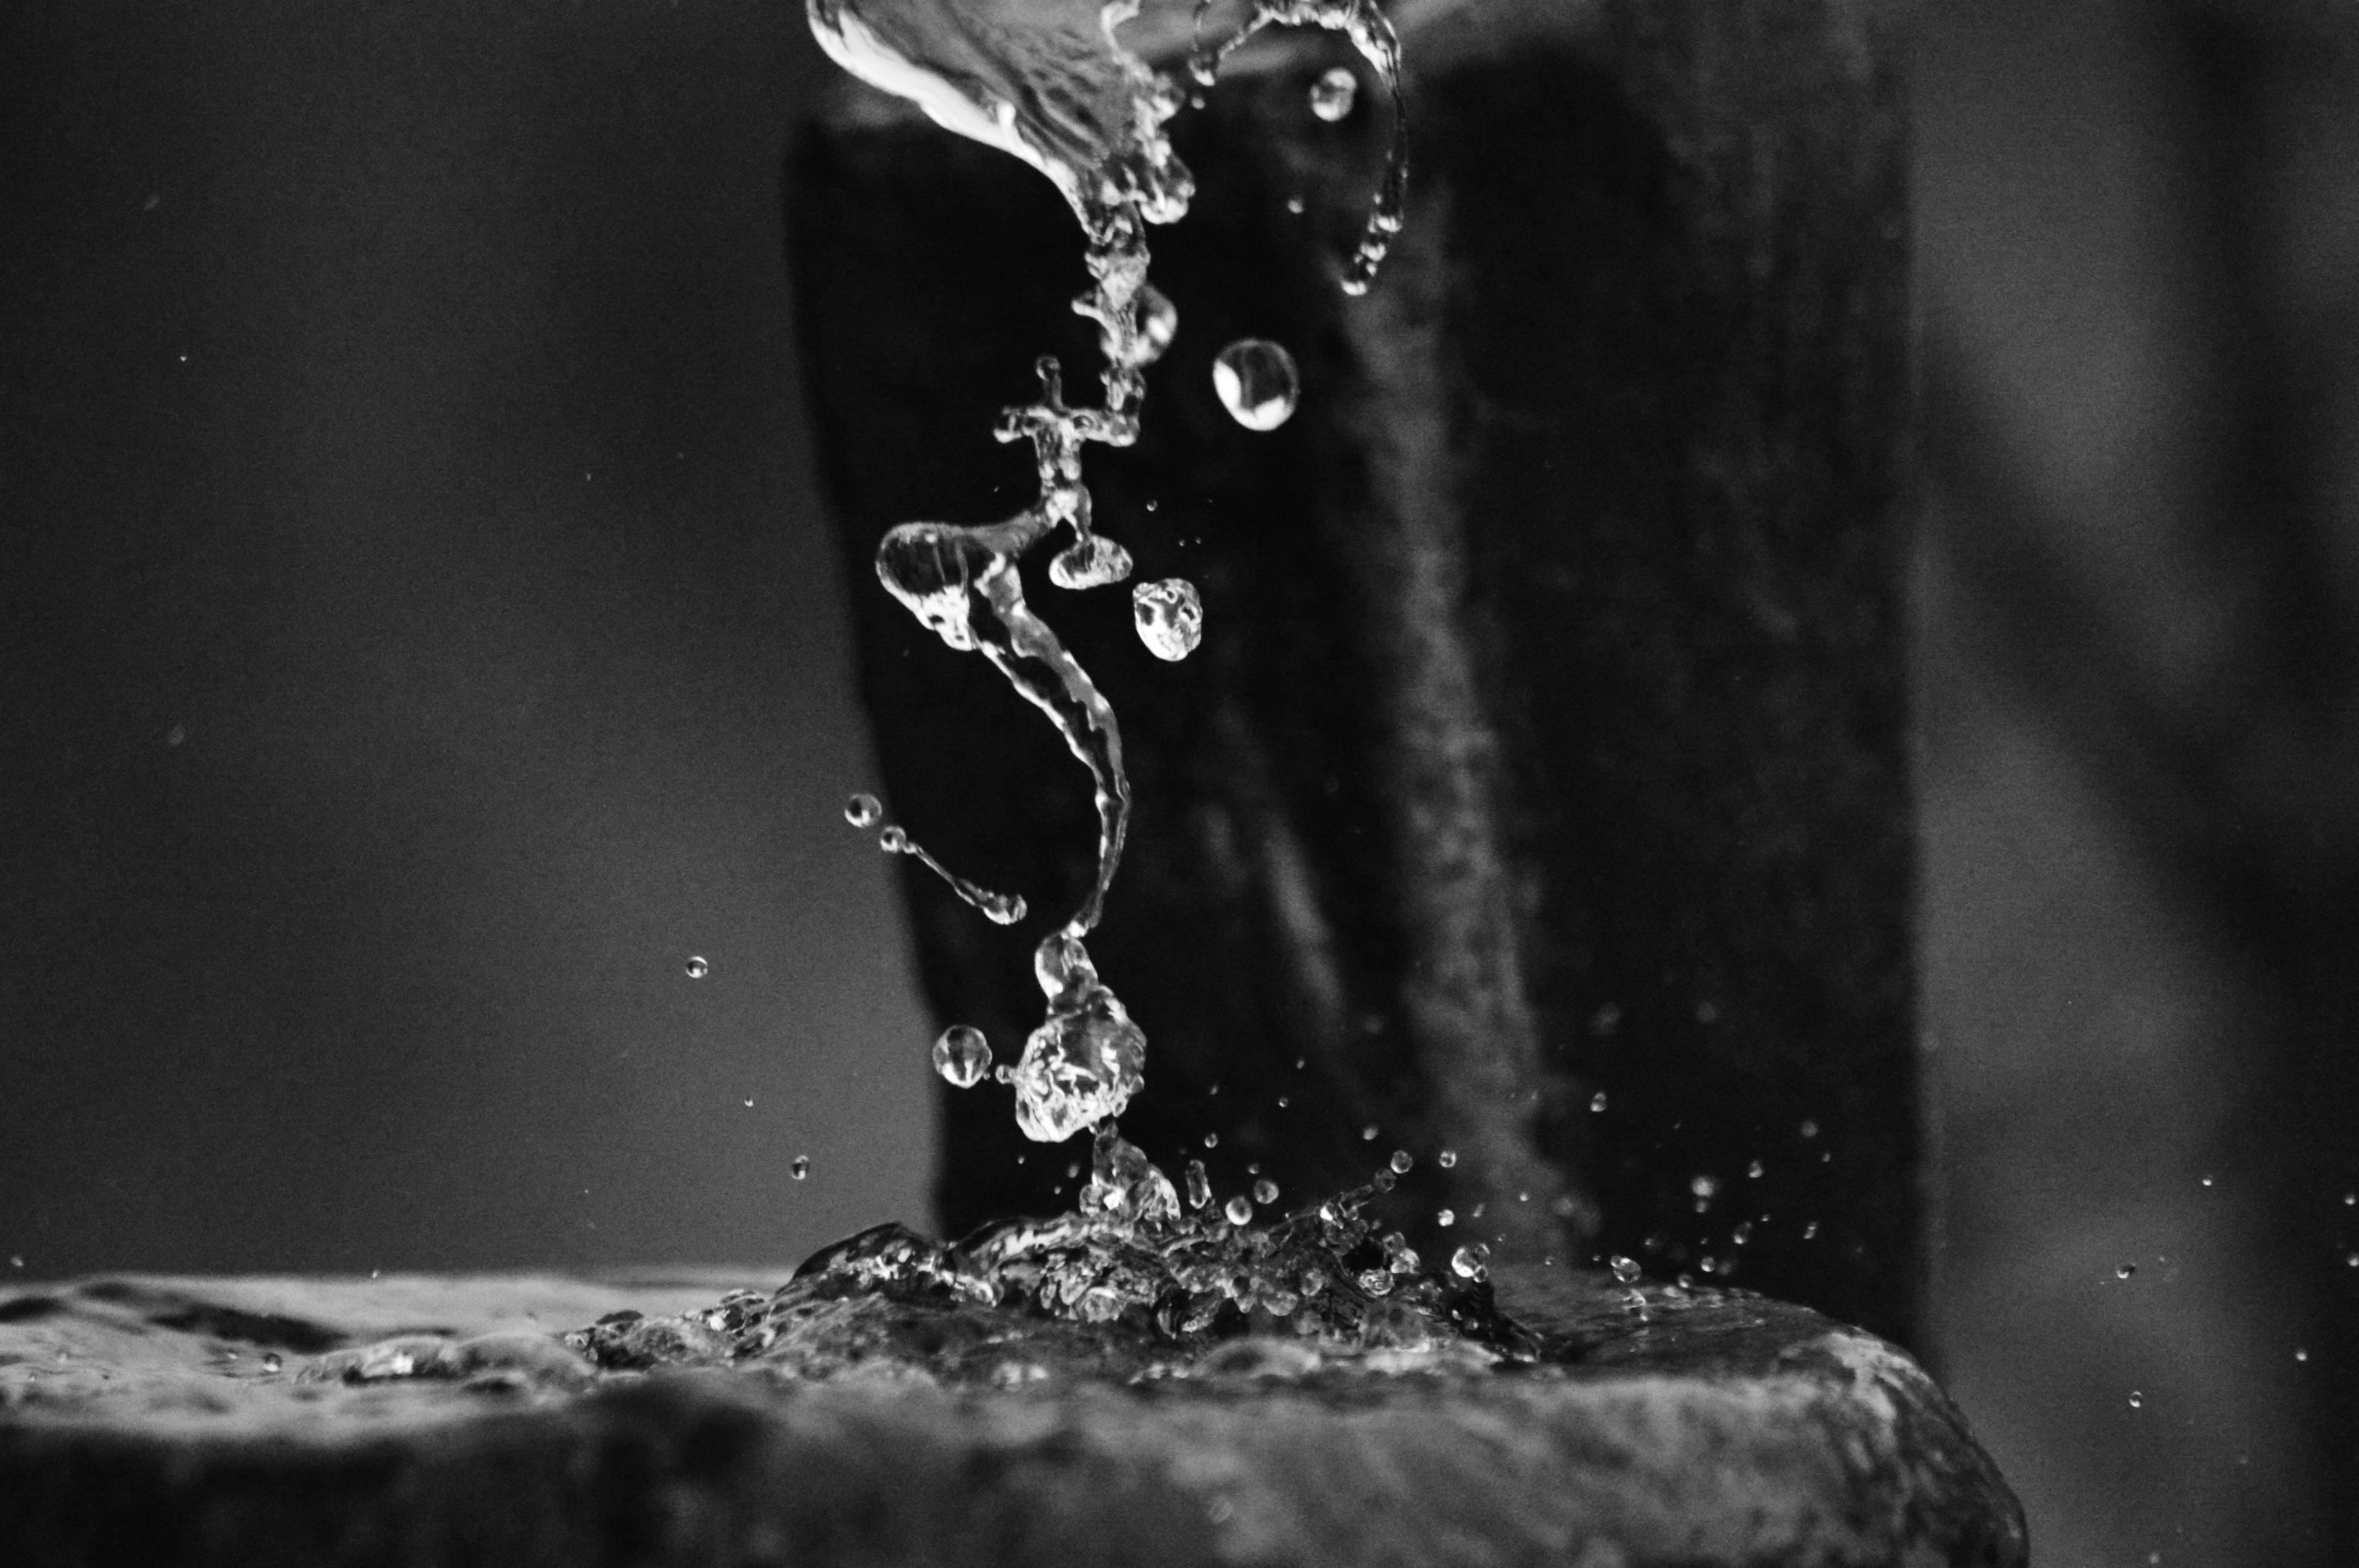 капля воды черно-белая картинка выбрать себе